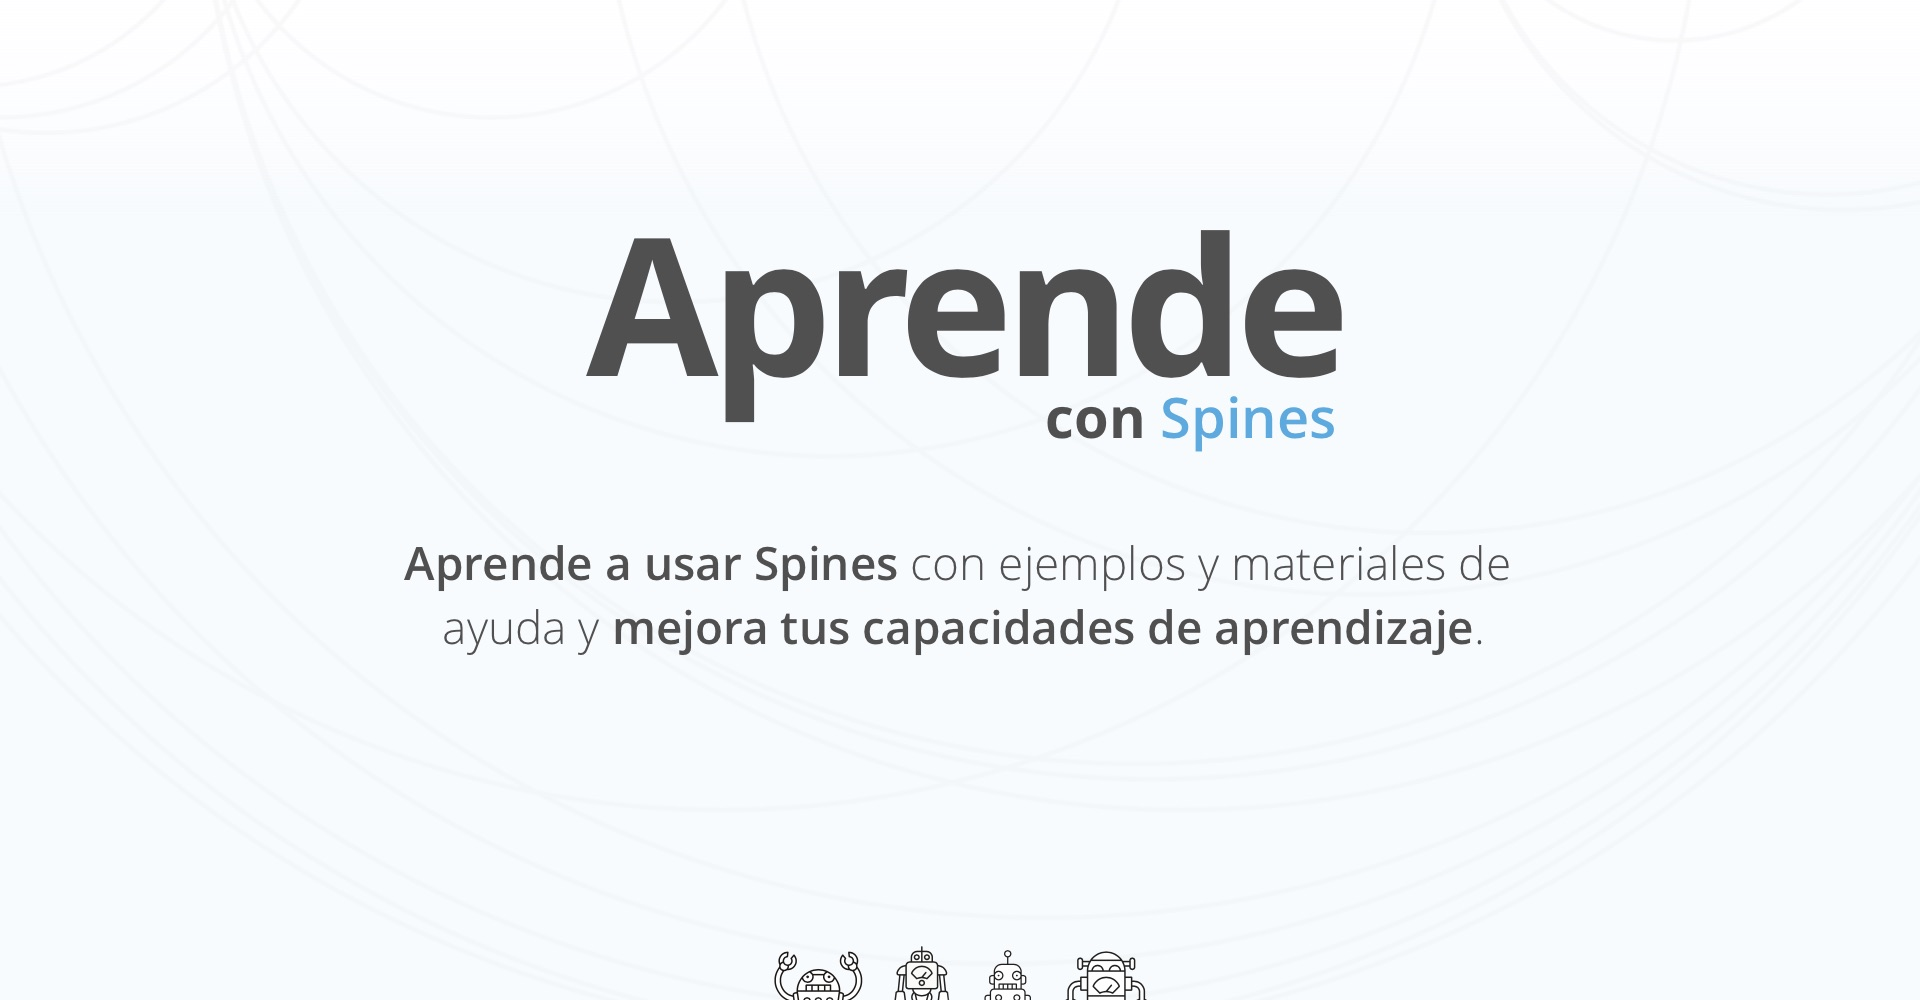 Aprende con Spines